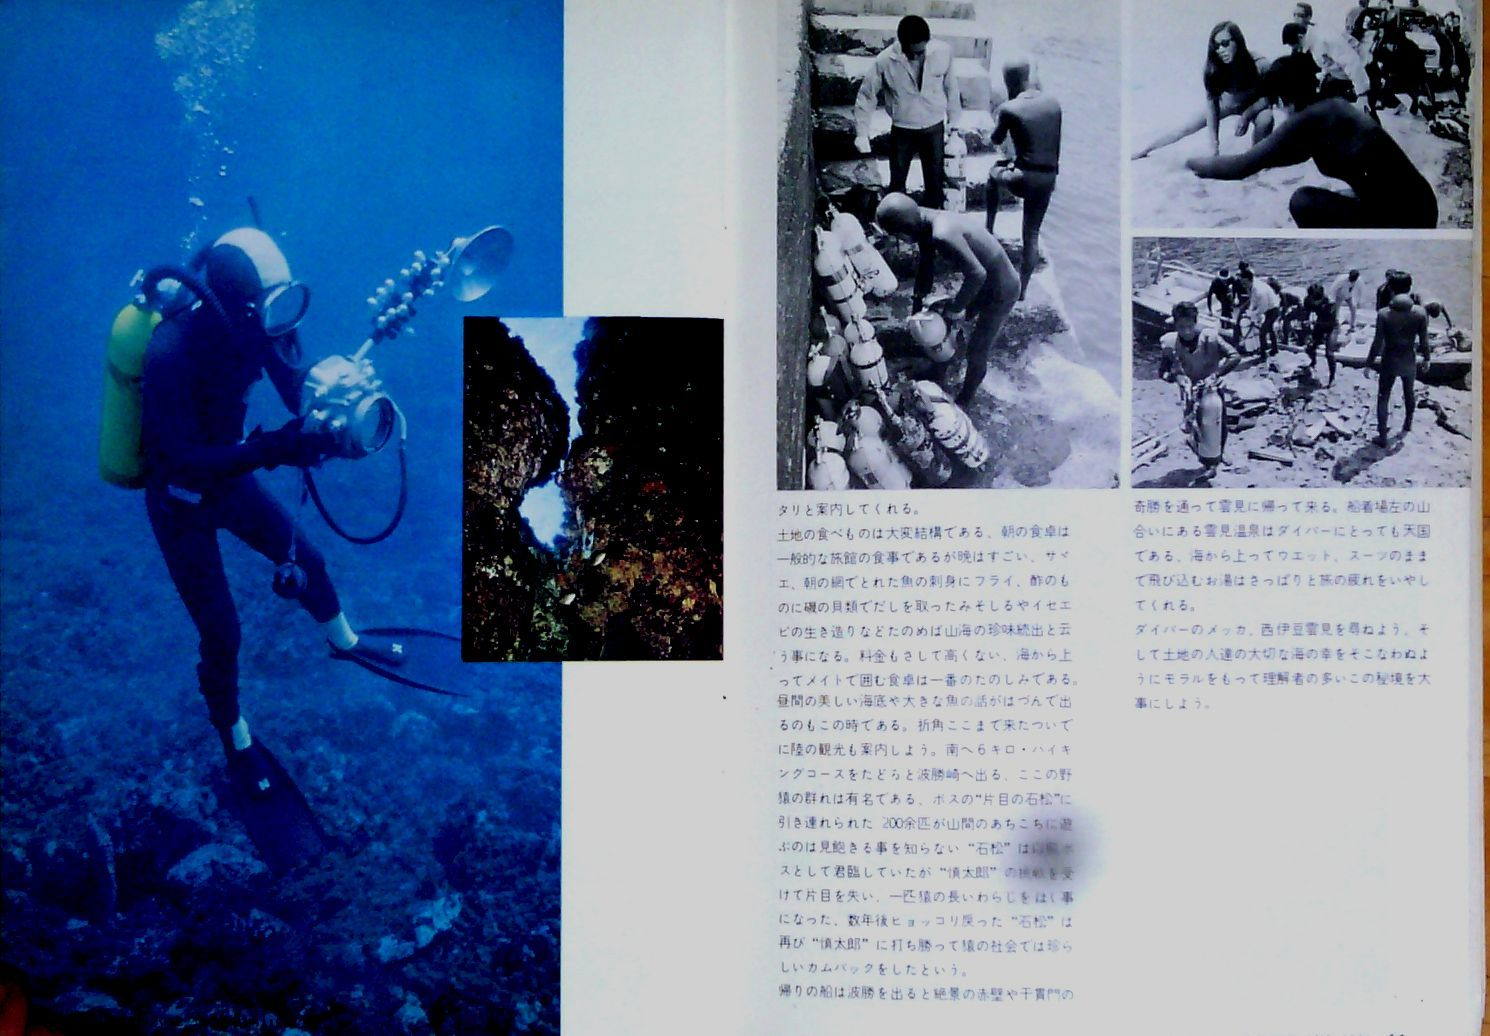 0312  ダイビングの歴史53 ブルーゾーン2_b0075059_16521450.jpg